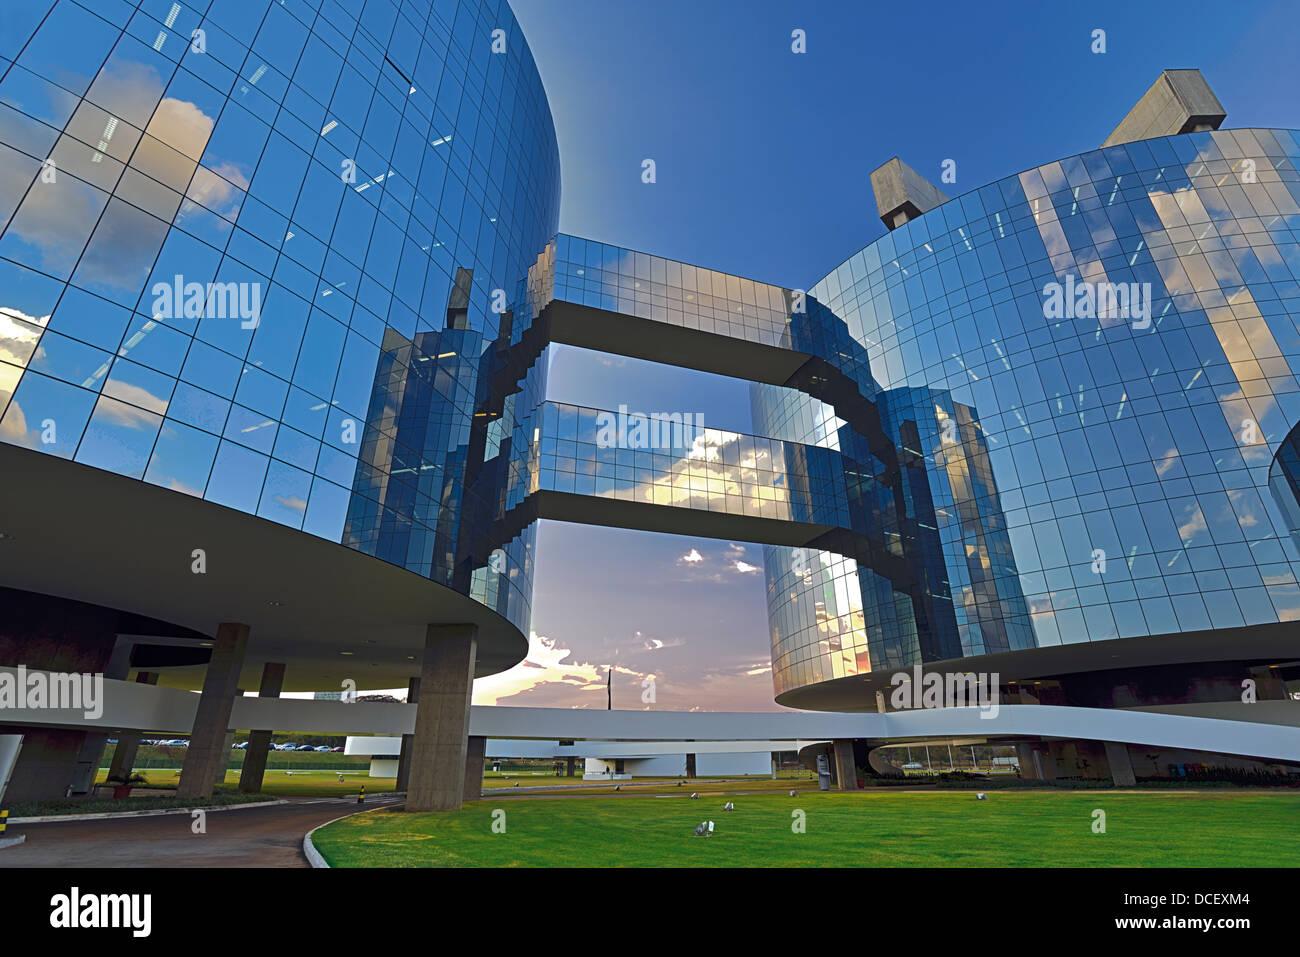 Brésil, Brasilia: l'architecture moderne de la Procuradoria Geral da República conçu par Photo Stock